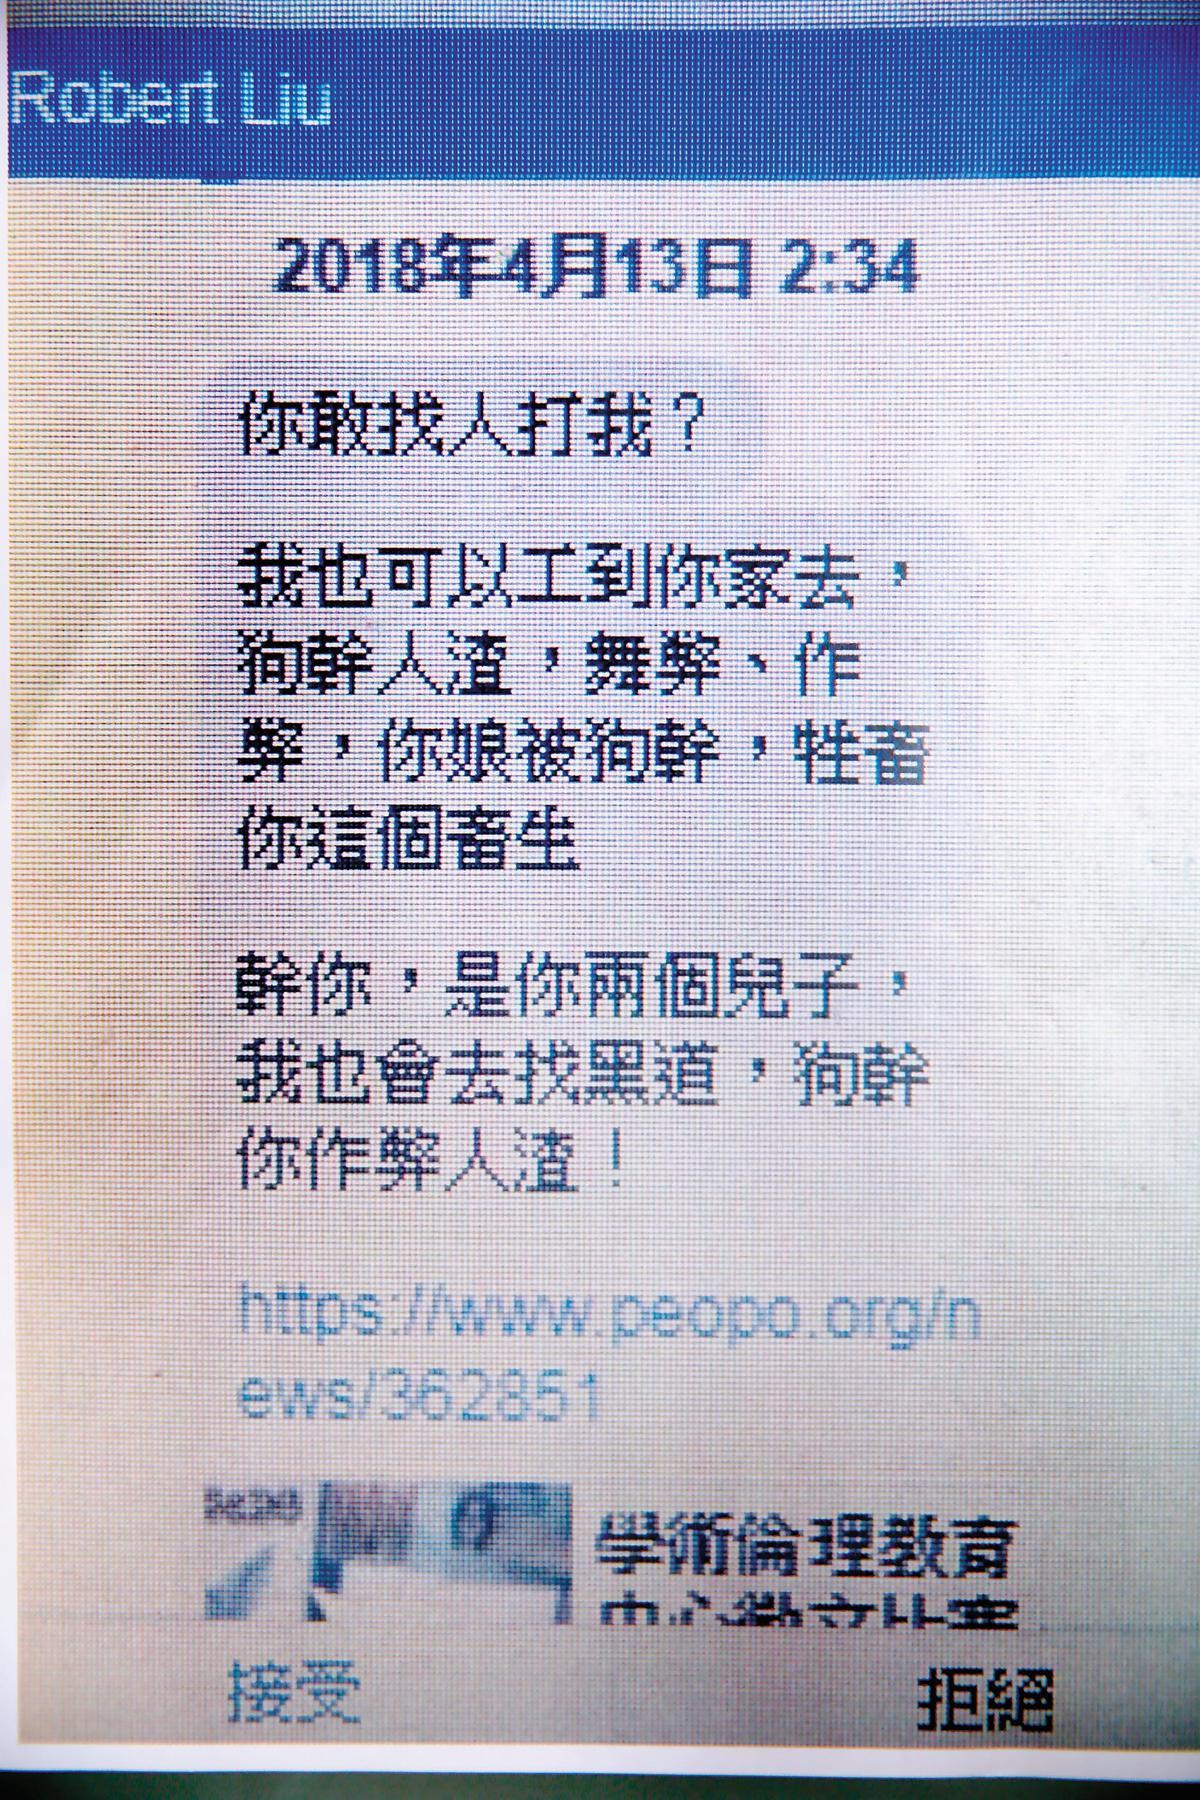 劉任昌被打後傳訊給許建隆辱罵,言詞粗魯難聽,甚至涉及對許建隆家人的威脅。